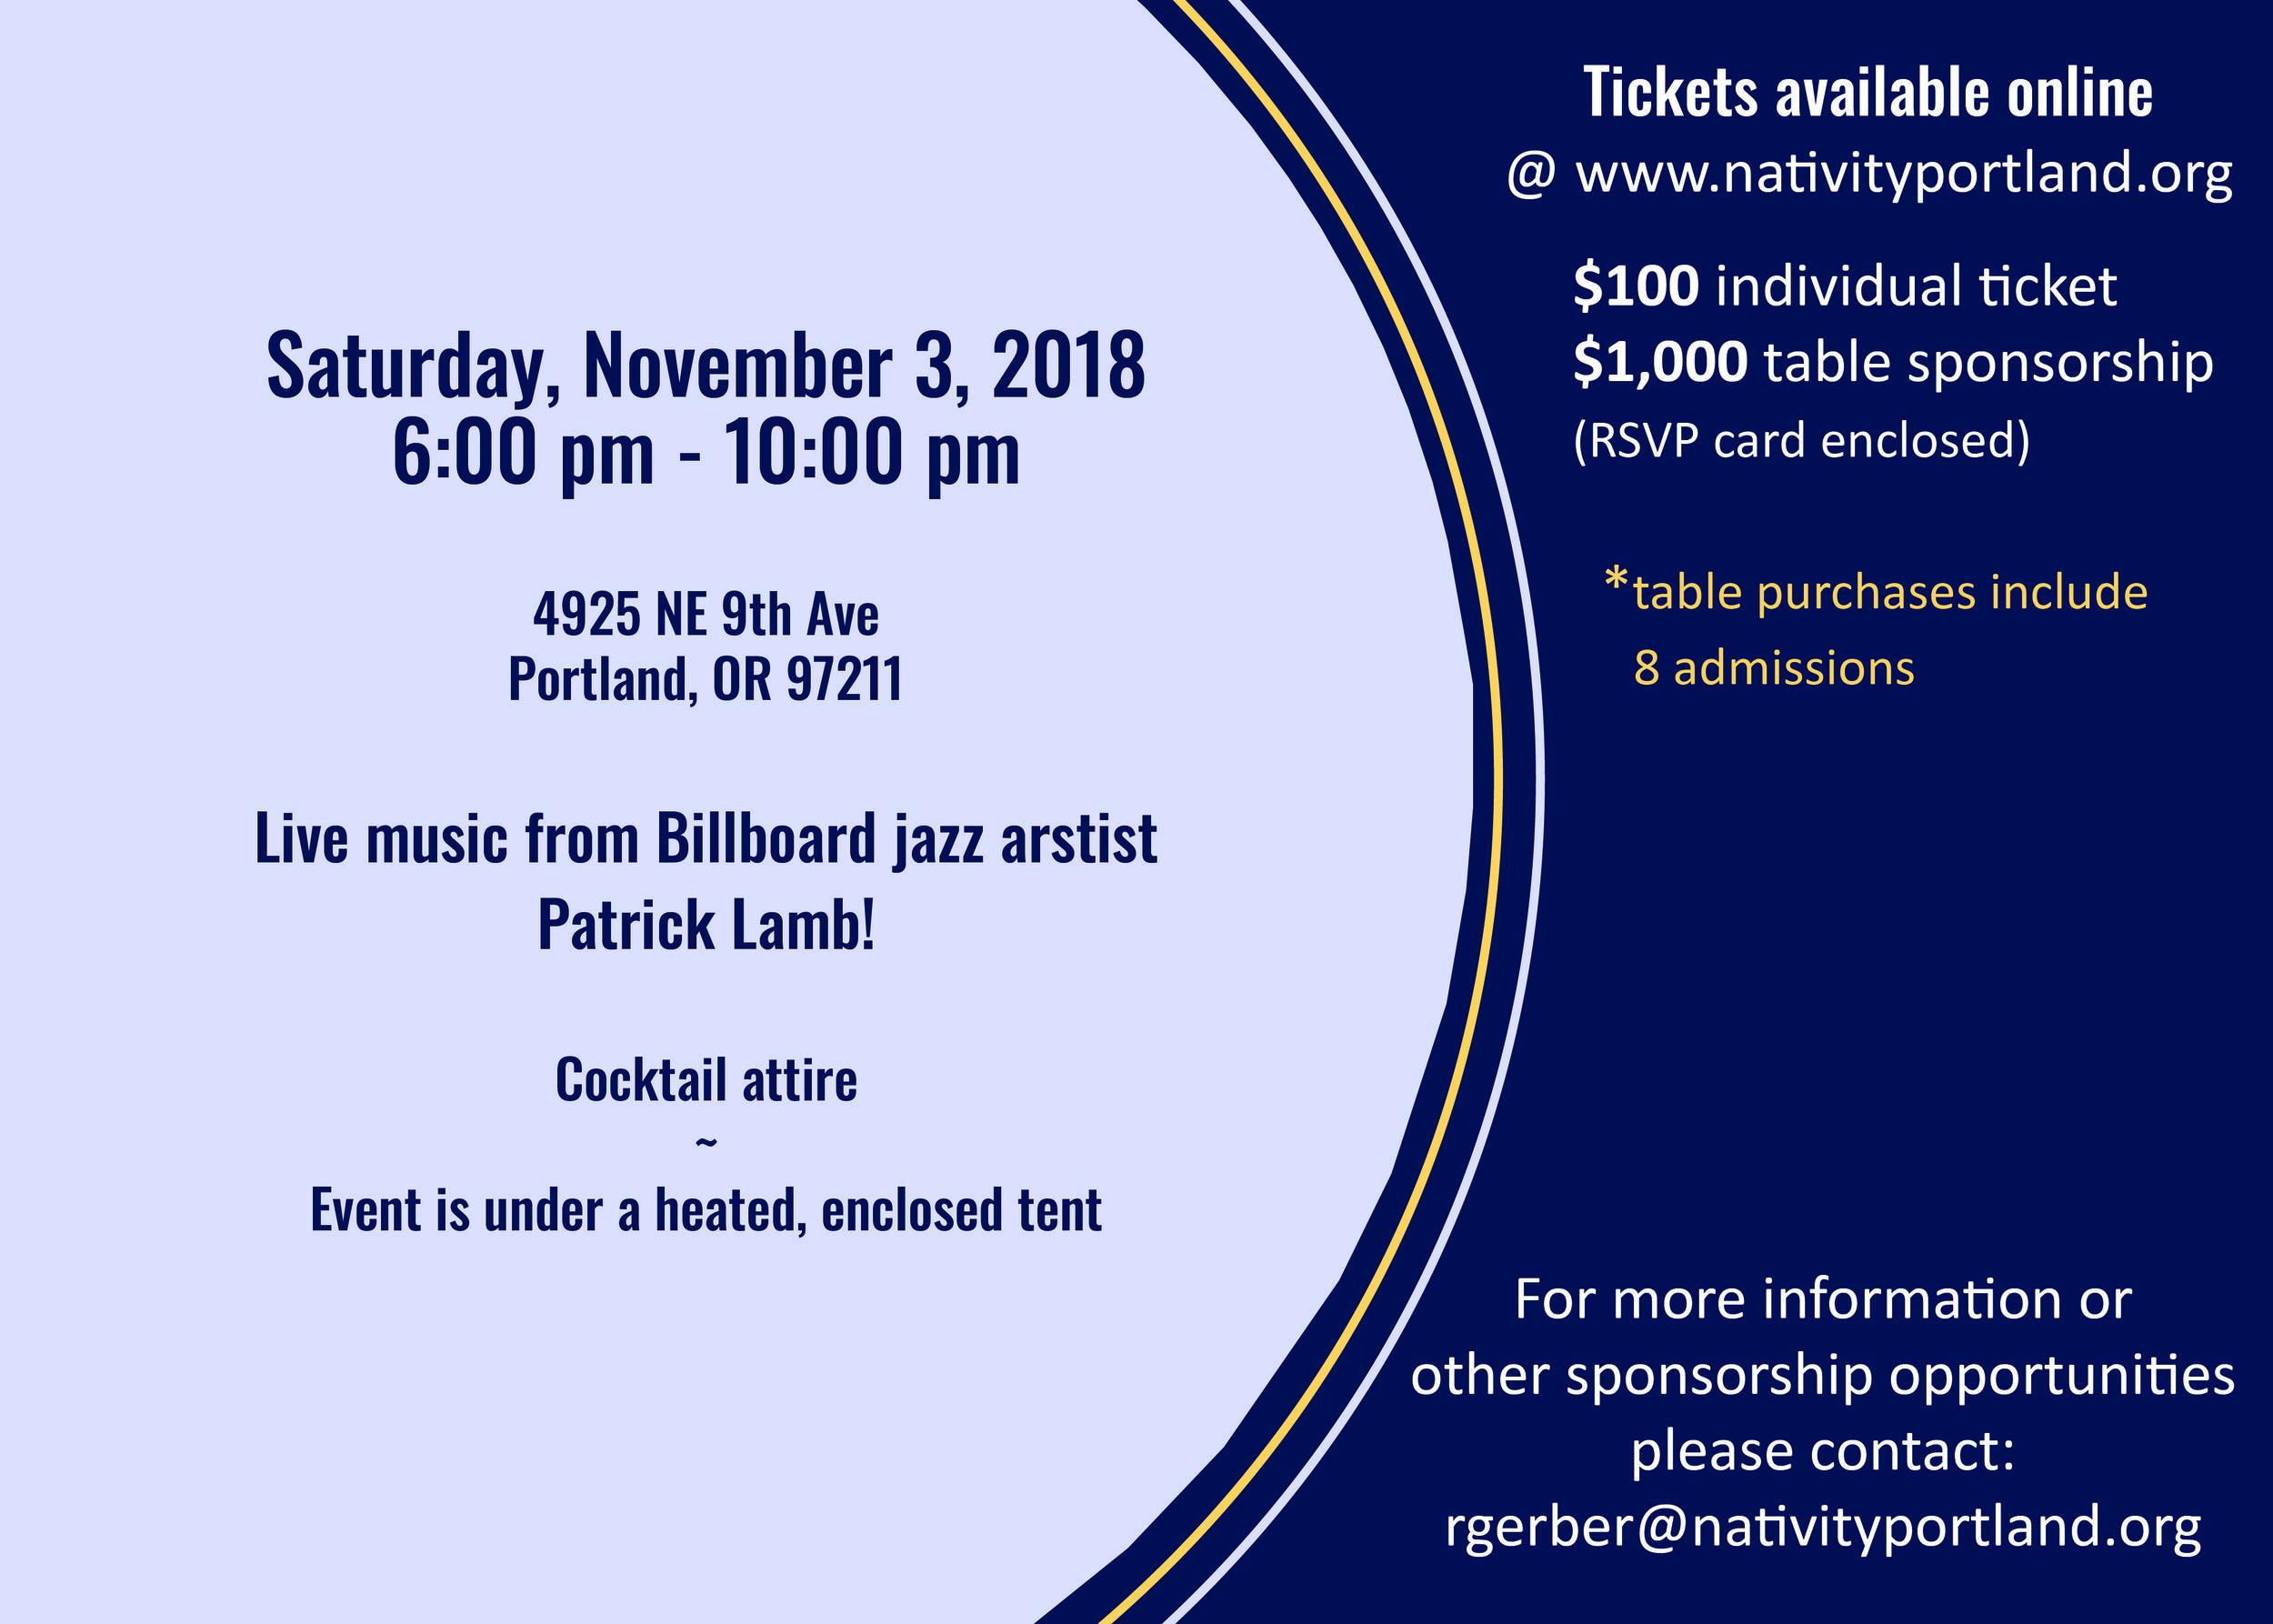 HS Invite 20183.jpg